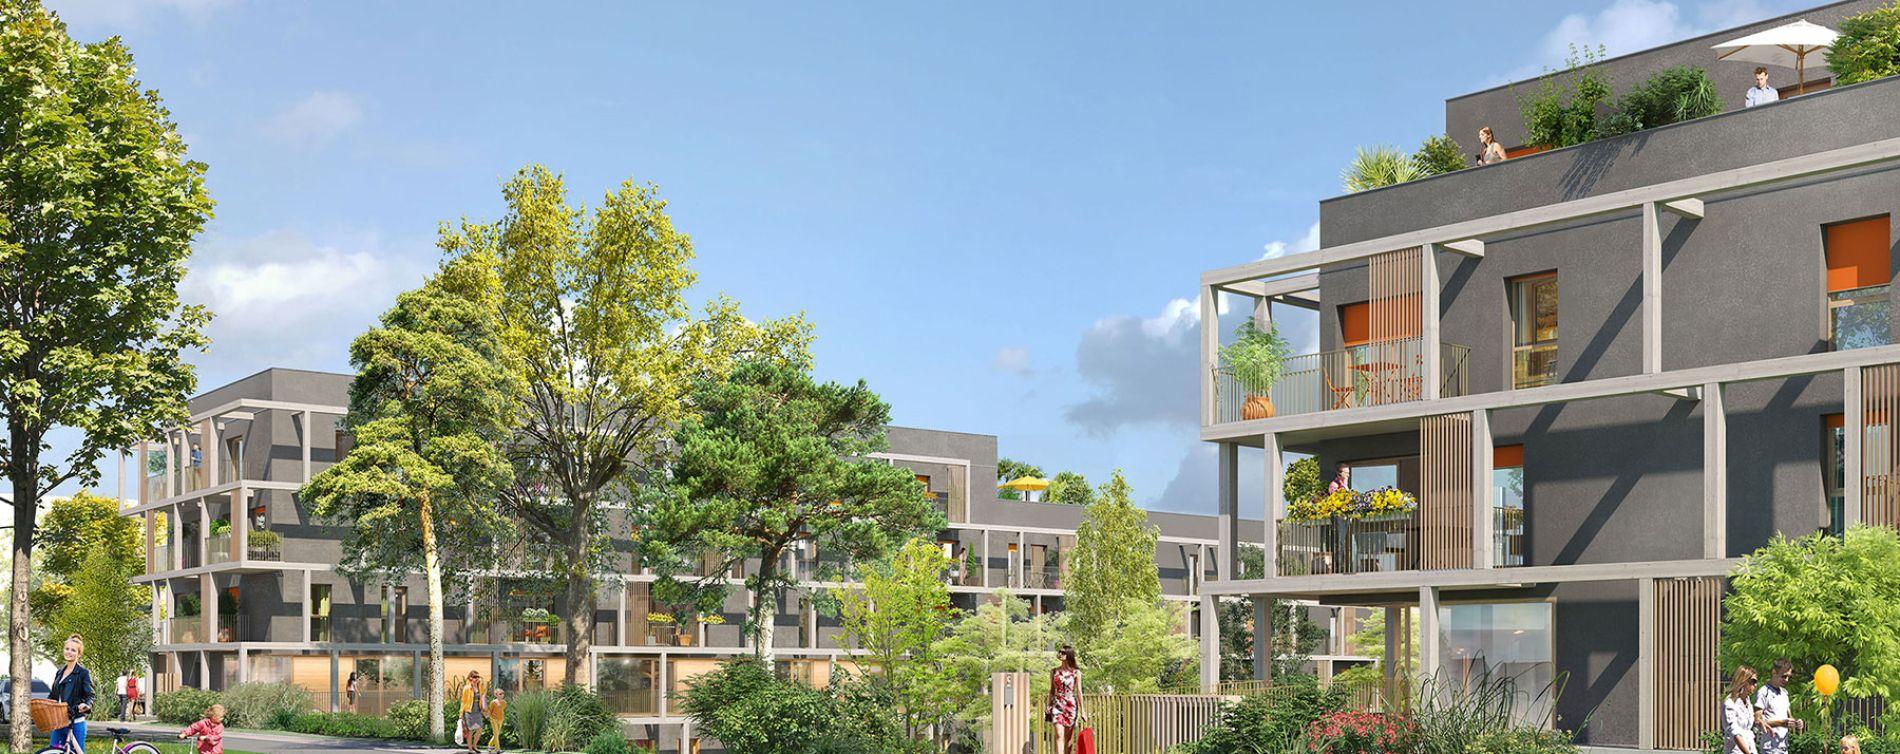 Torcy : programme immobilier neuve « Nature & Coteaux » (4)